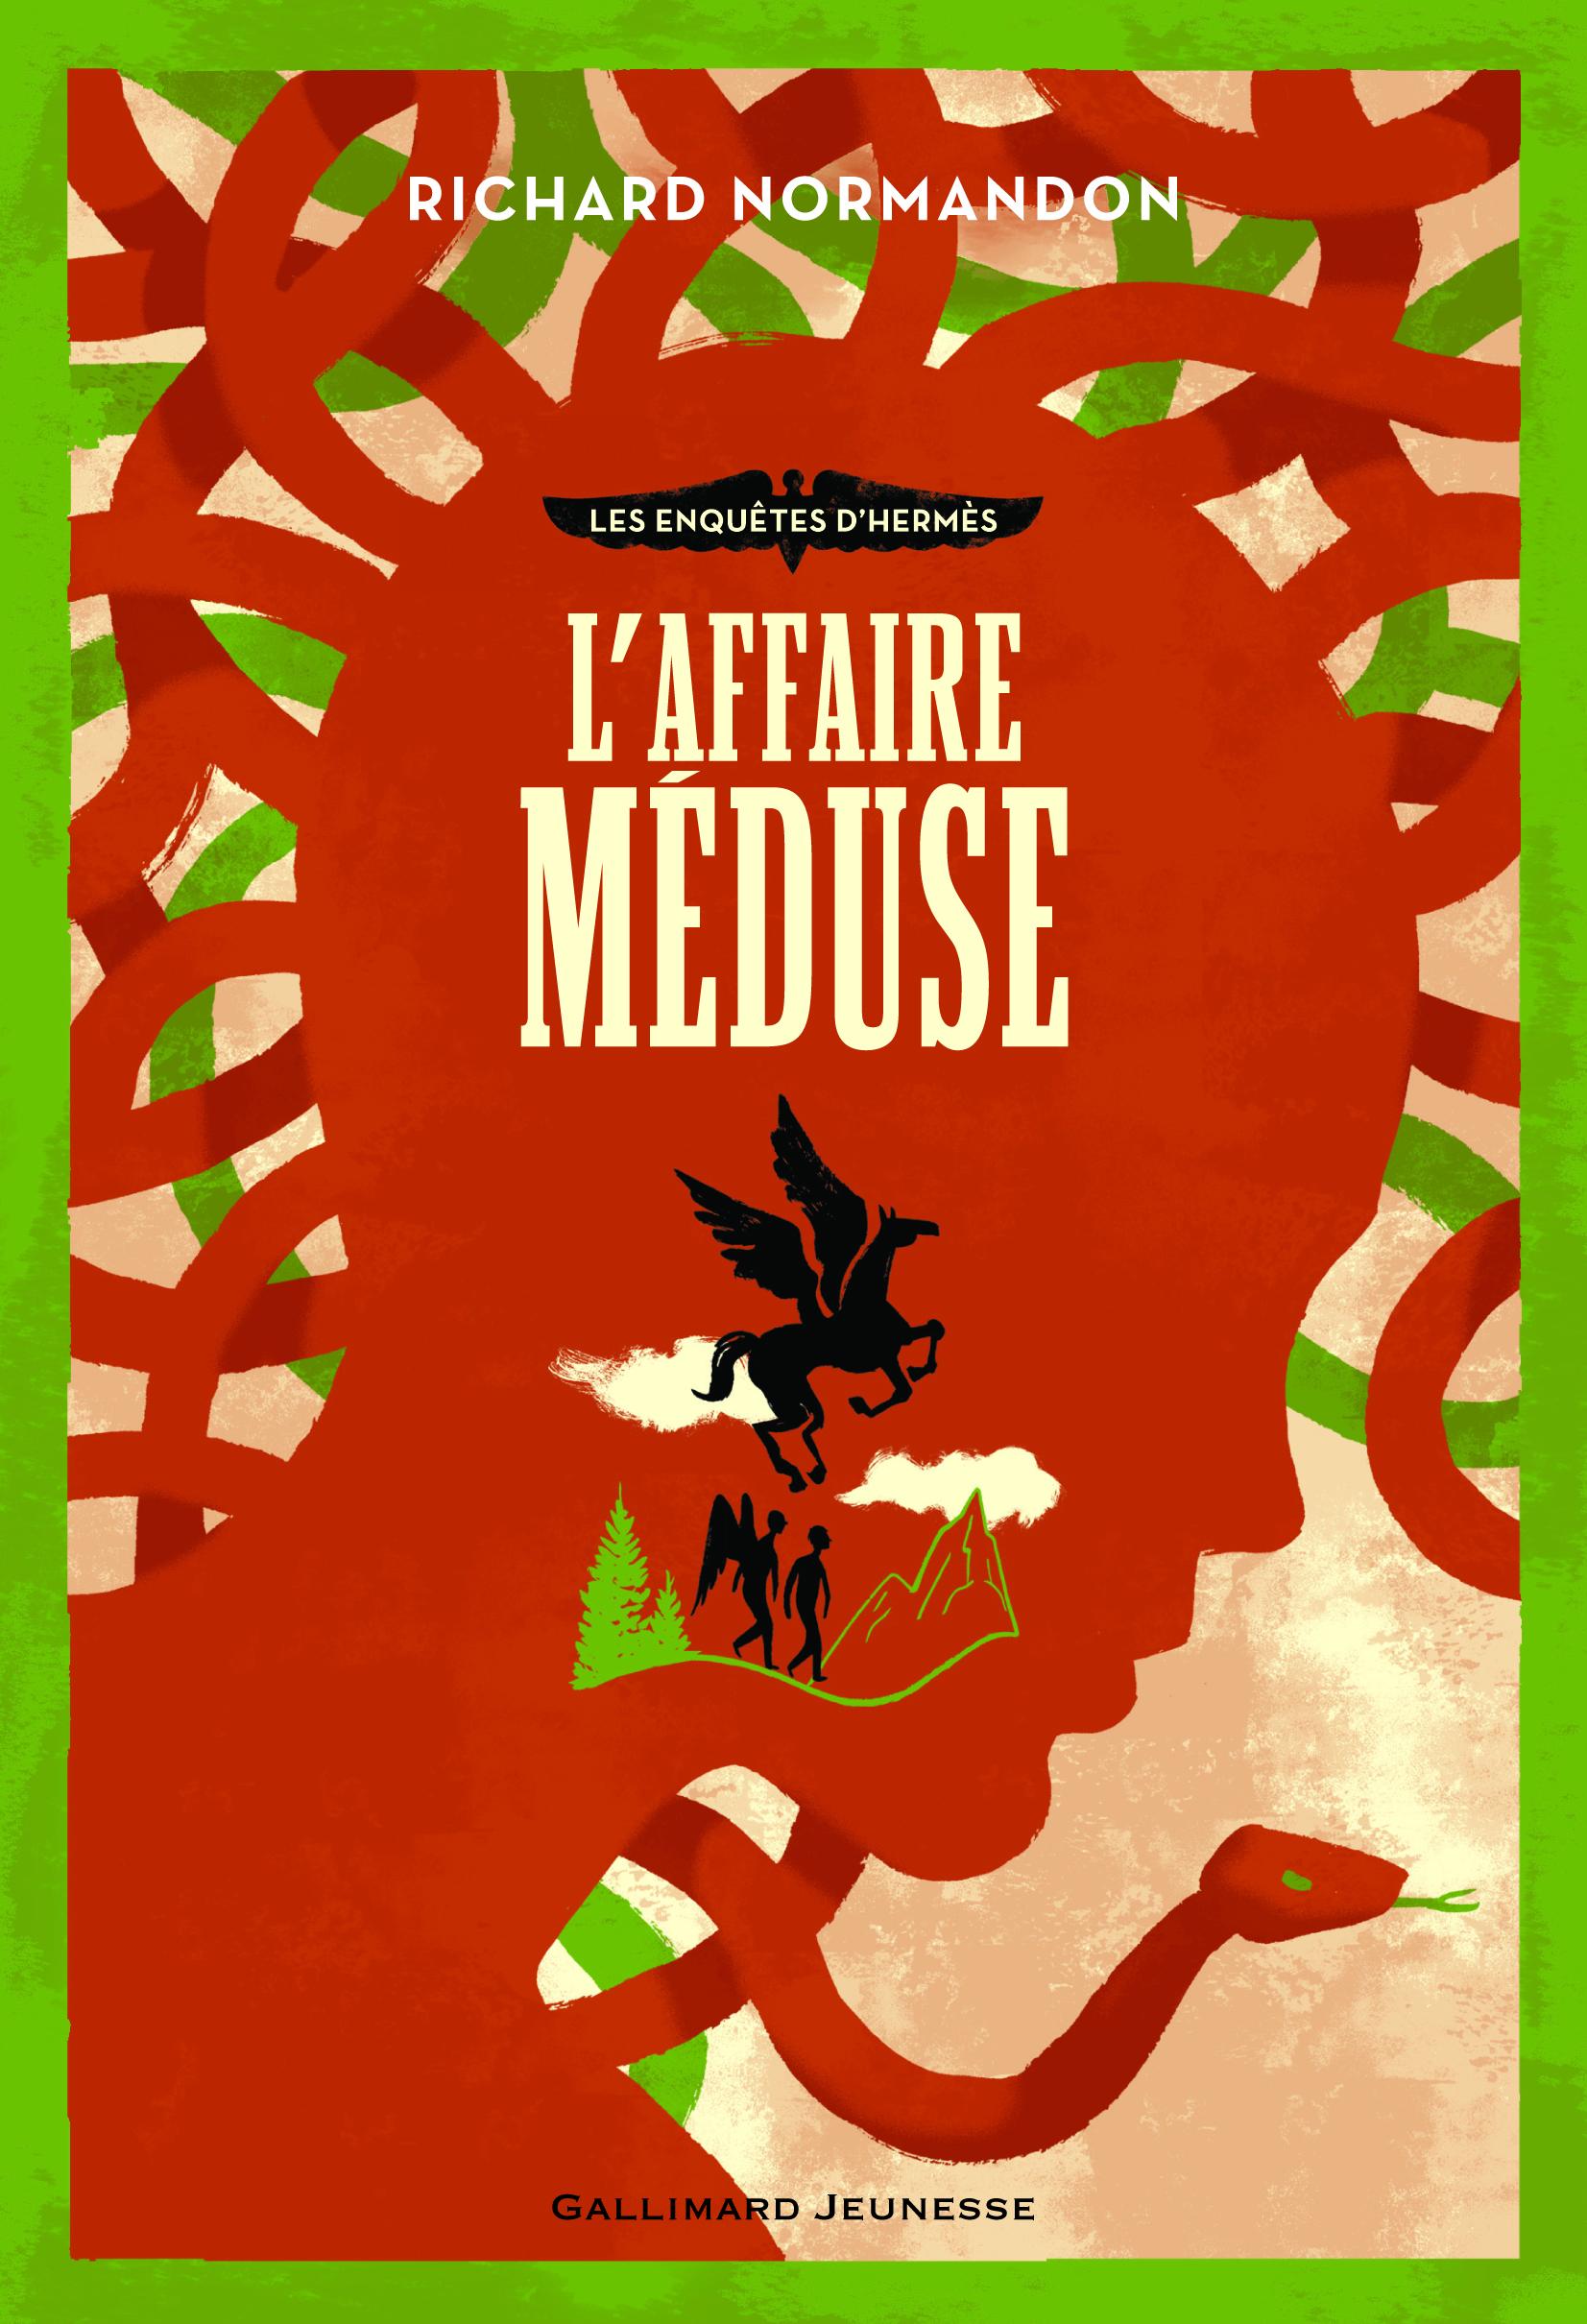 LES ENQUETES D'HERMES 2 - L'AFFAIRE MEDUSE